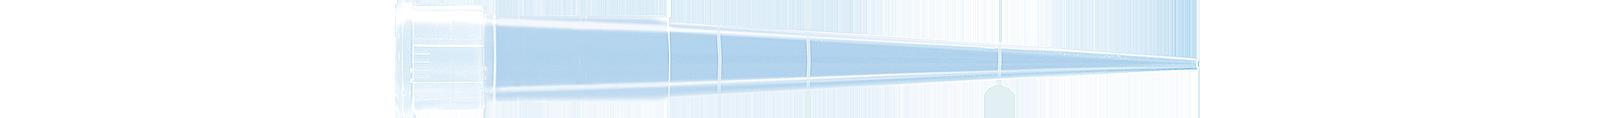 PONTEIRA 5 ML, TIPO GILSON PCTE COM 250 UN